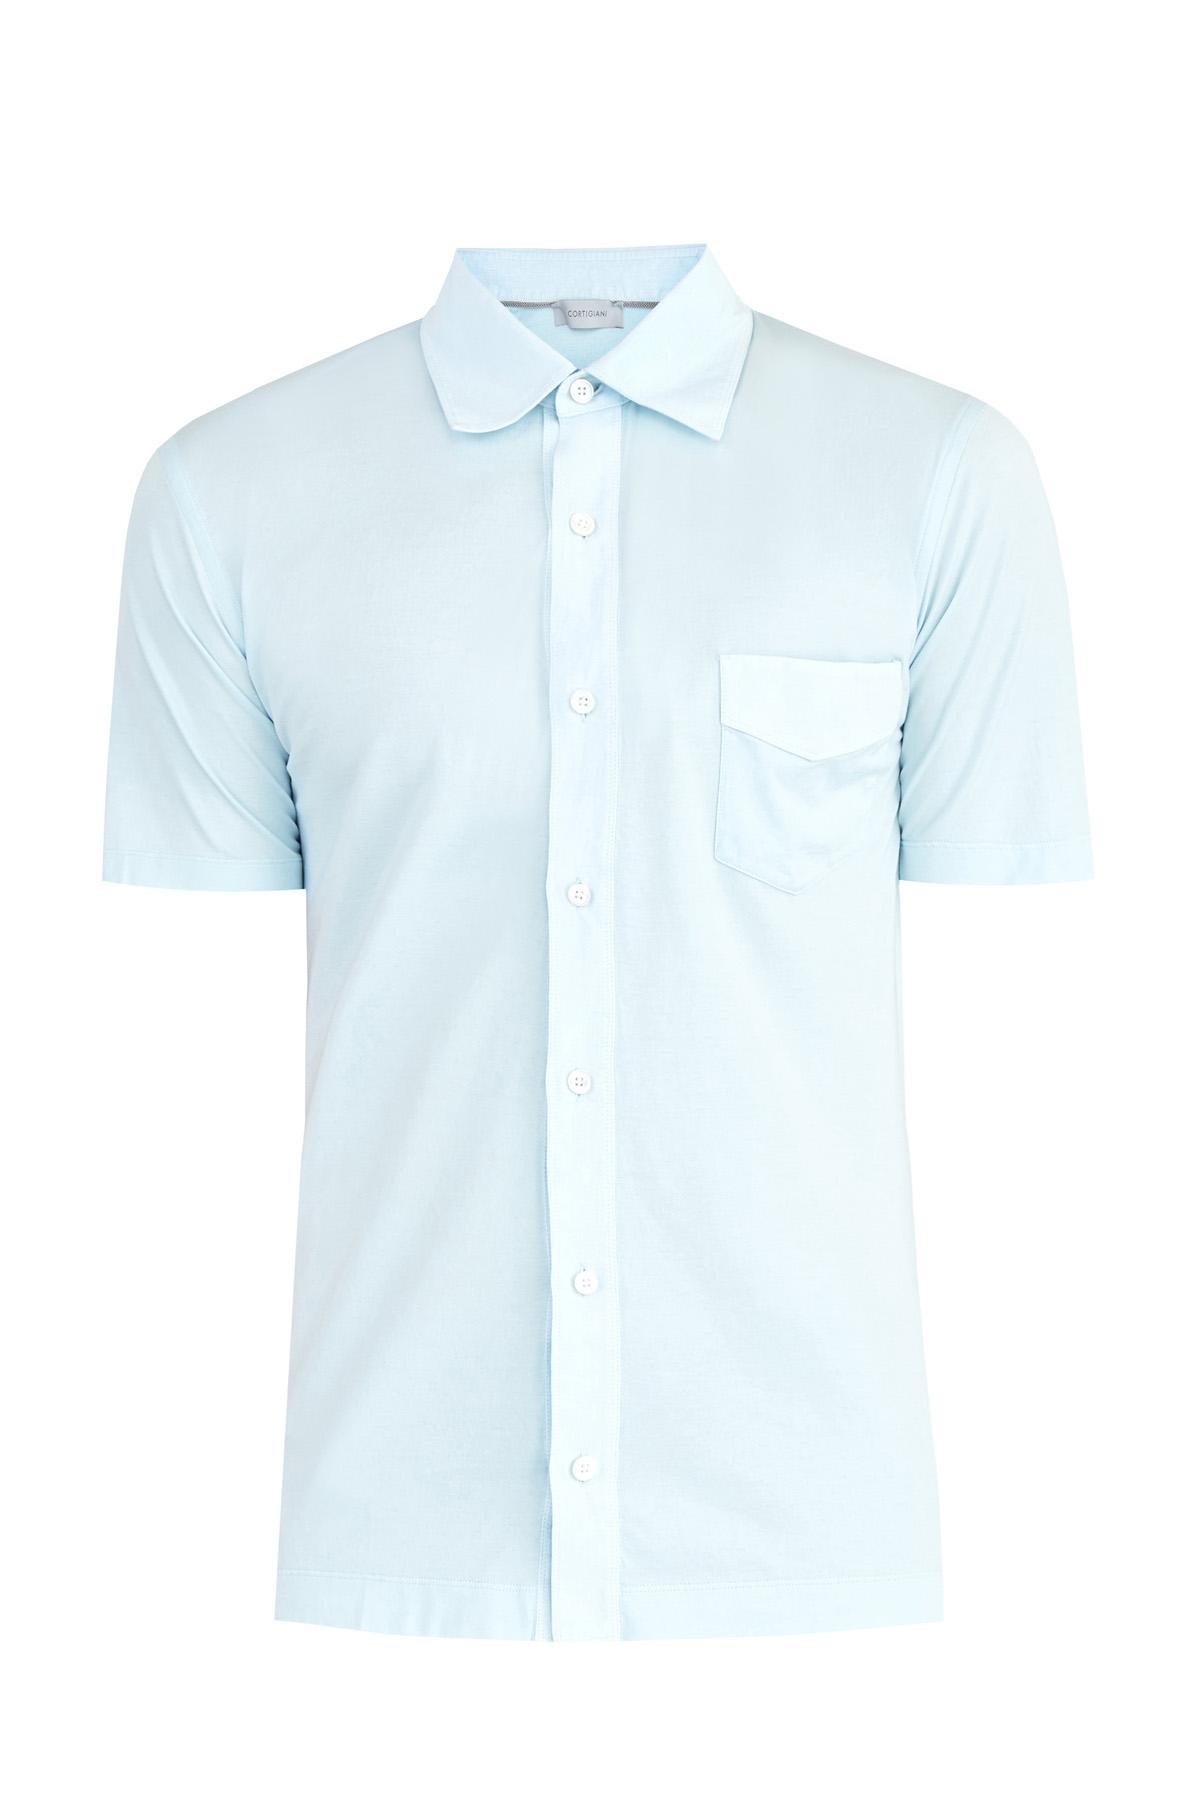 Однотонная рубашка в классическом стиле из хлопкового джерси